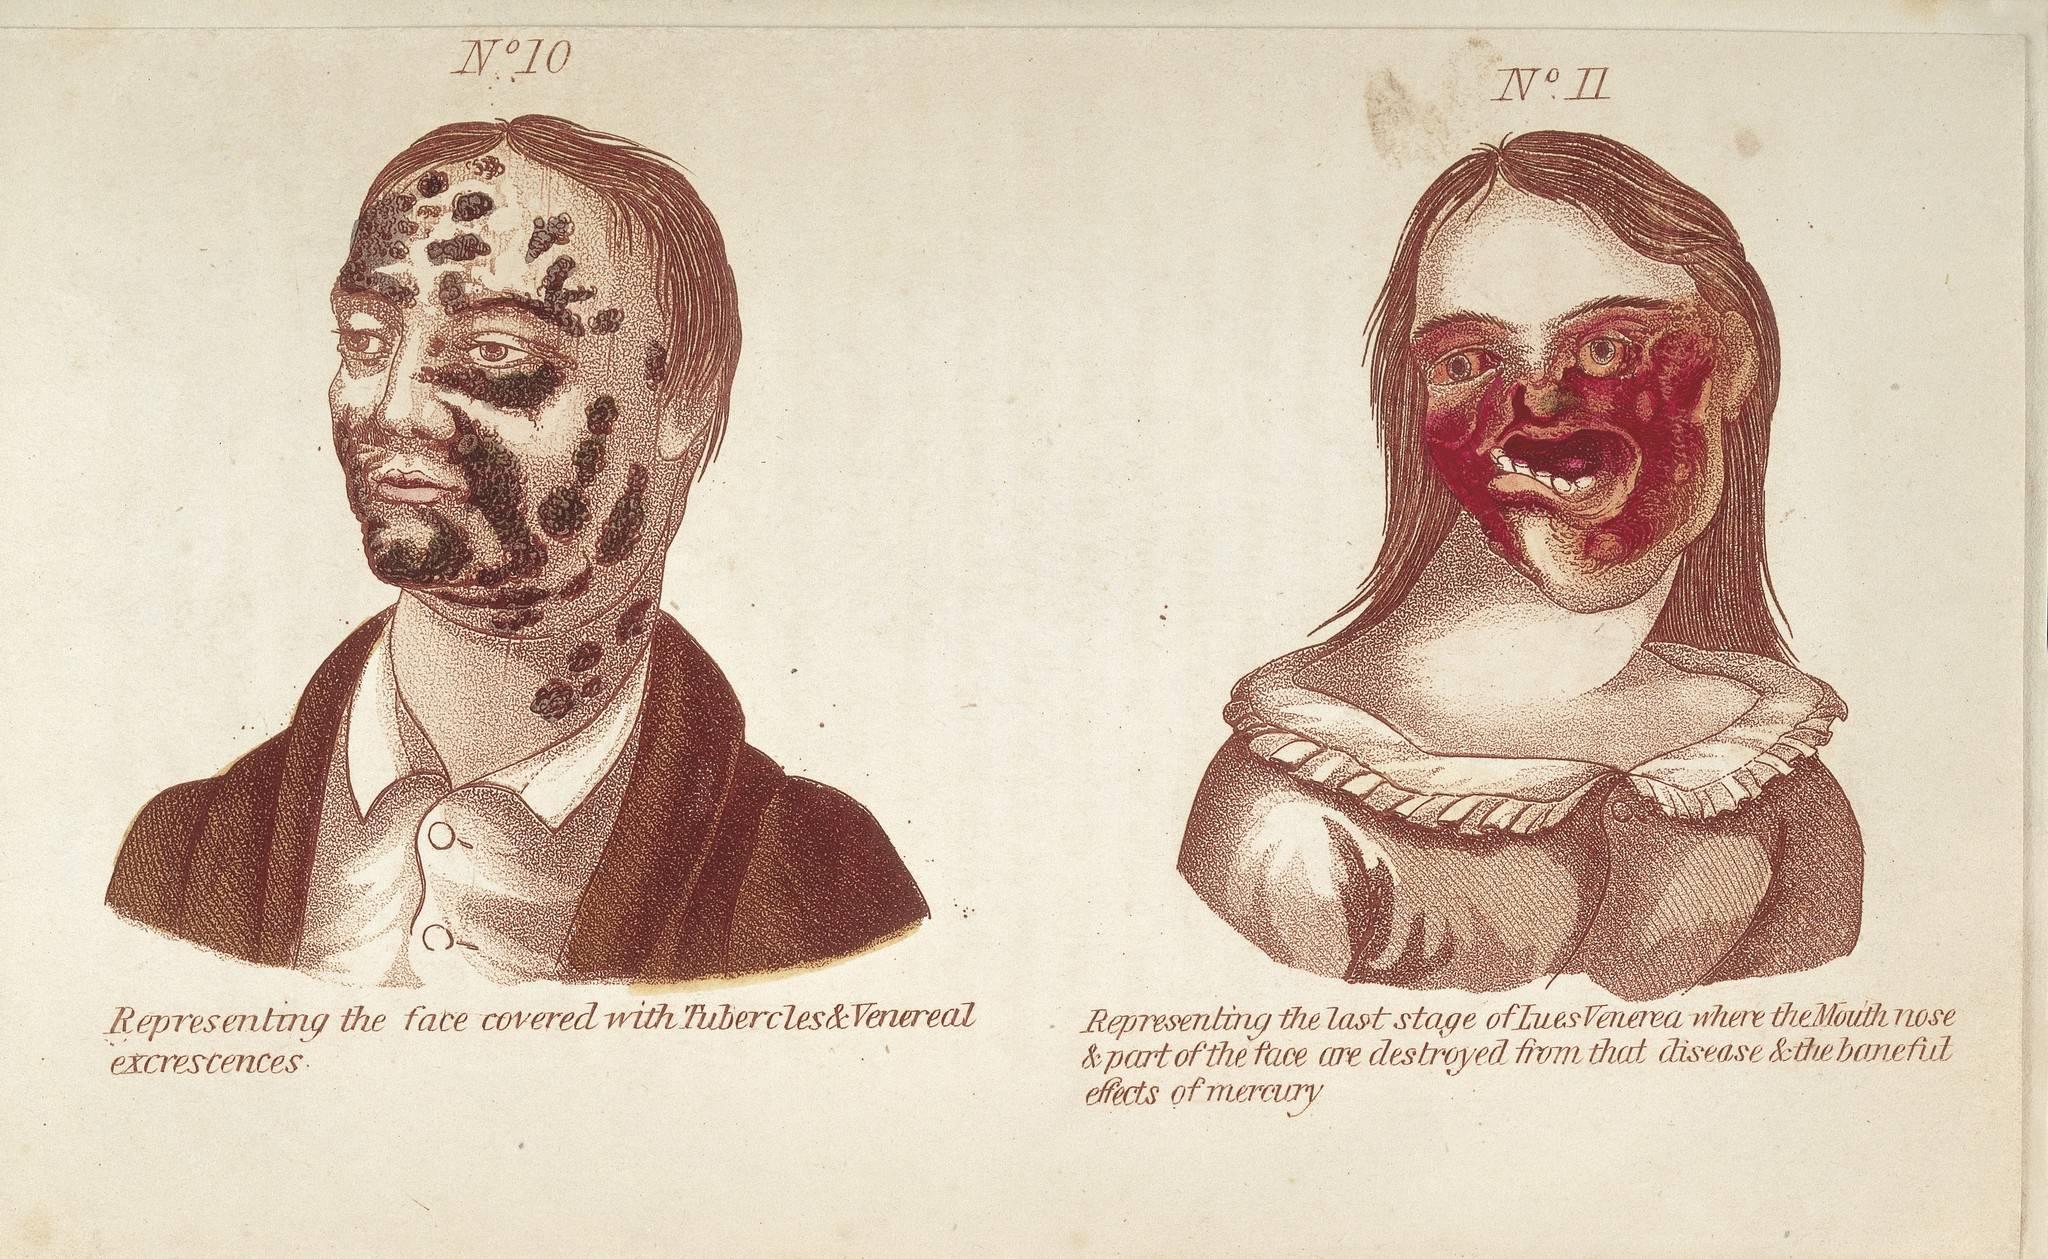 История появления сифилиса в европе и россии в средние века